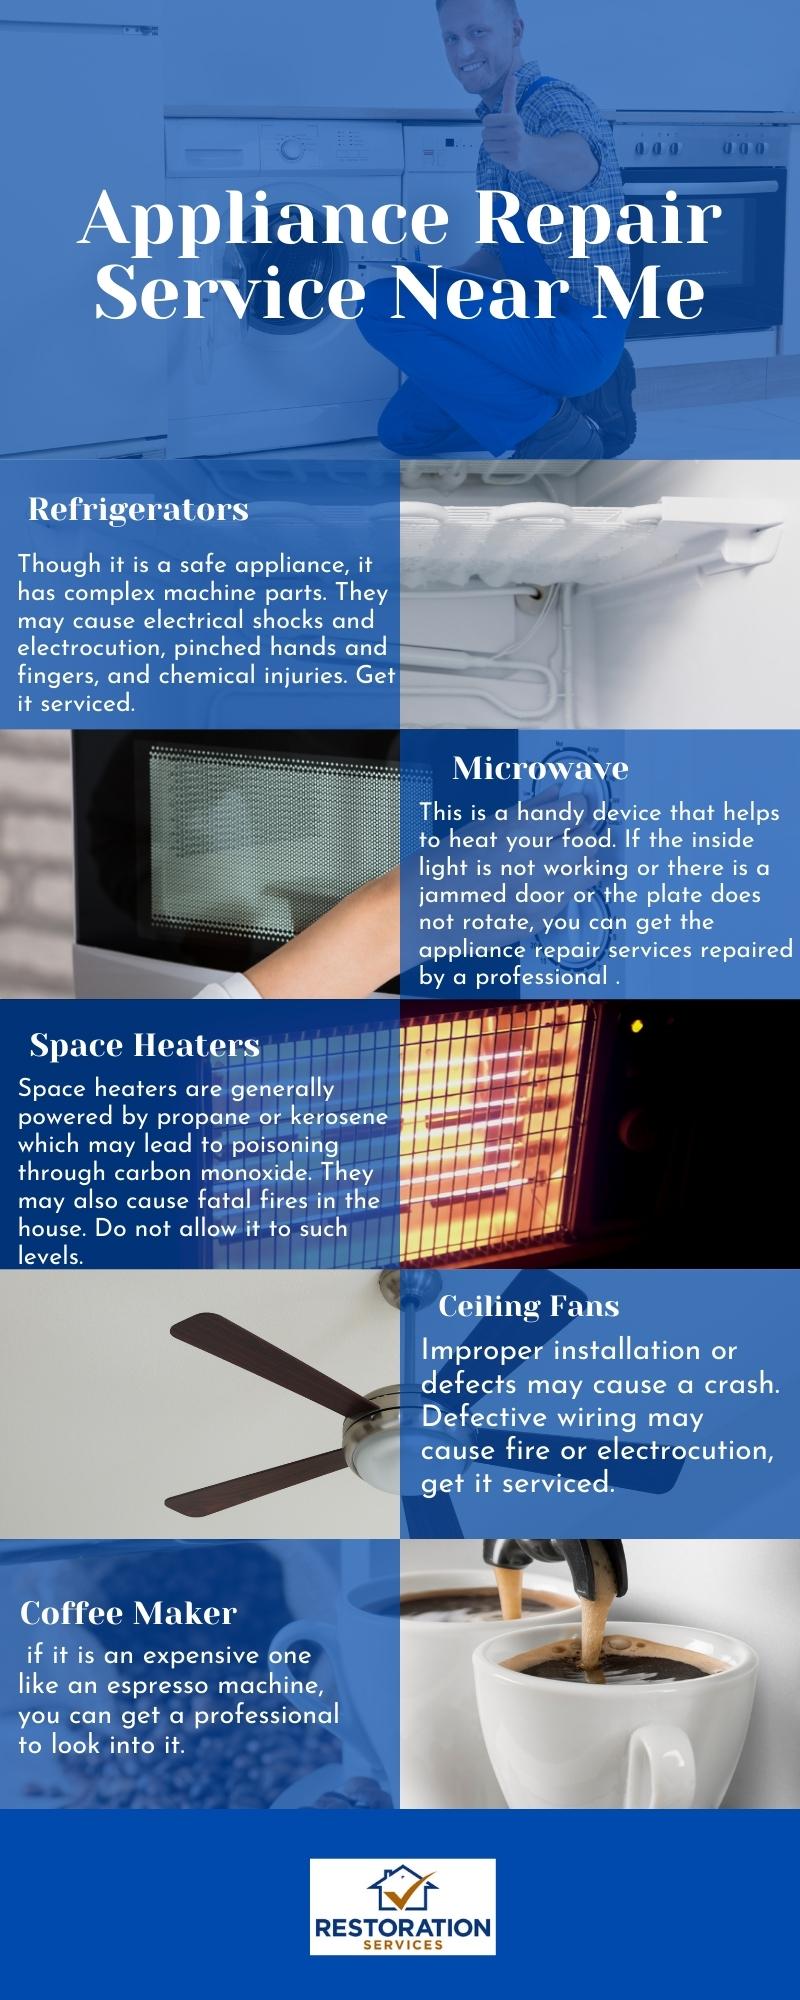 Appliance repair services near me